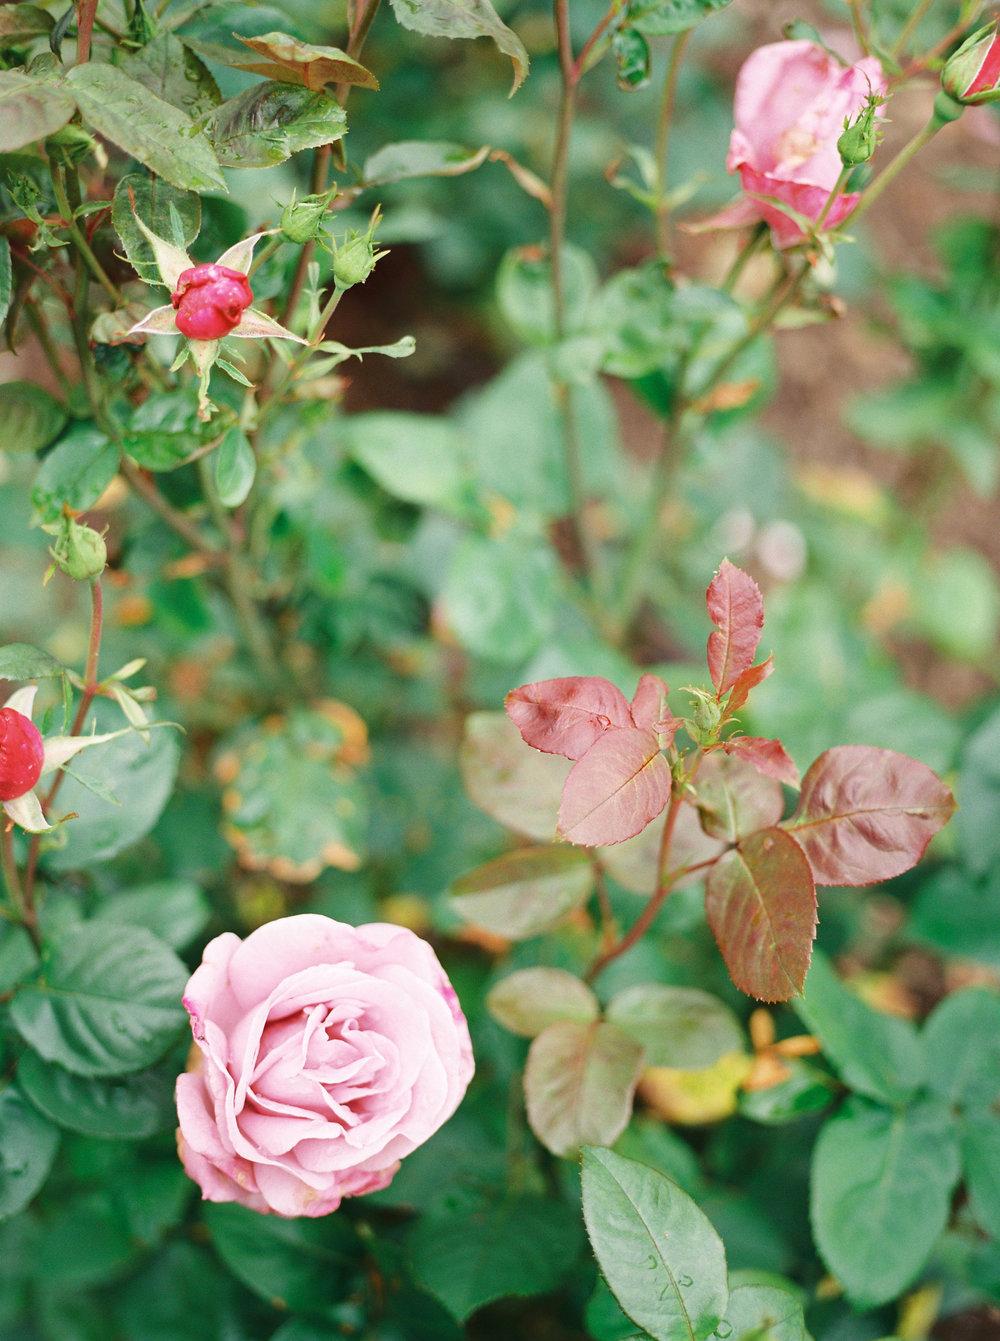 imogenxianathegardengateflowercompany-227.jpg